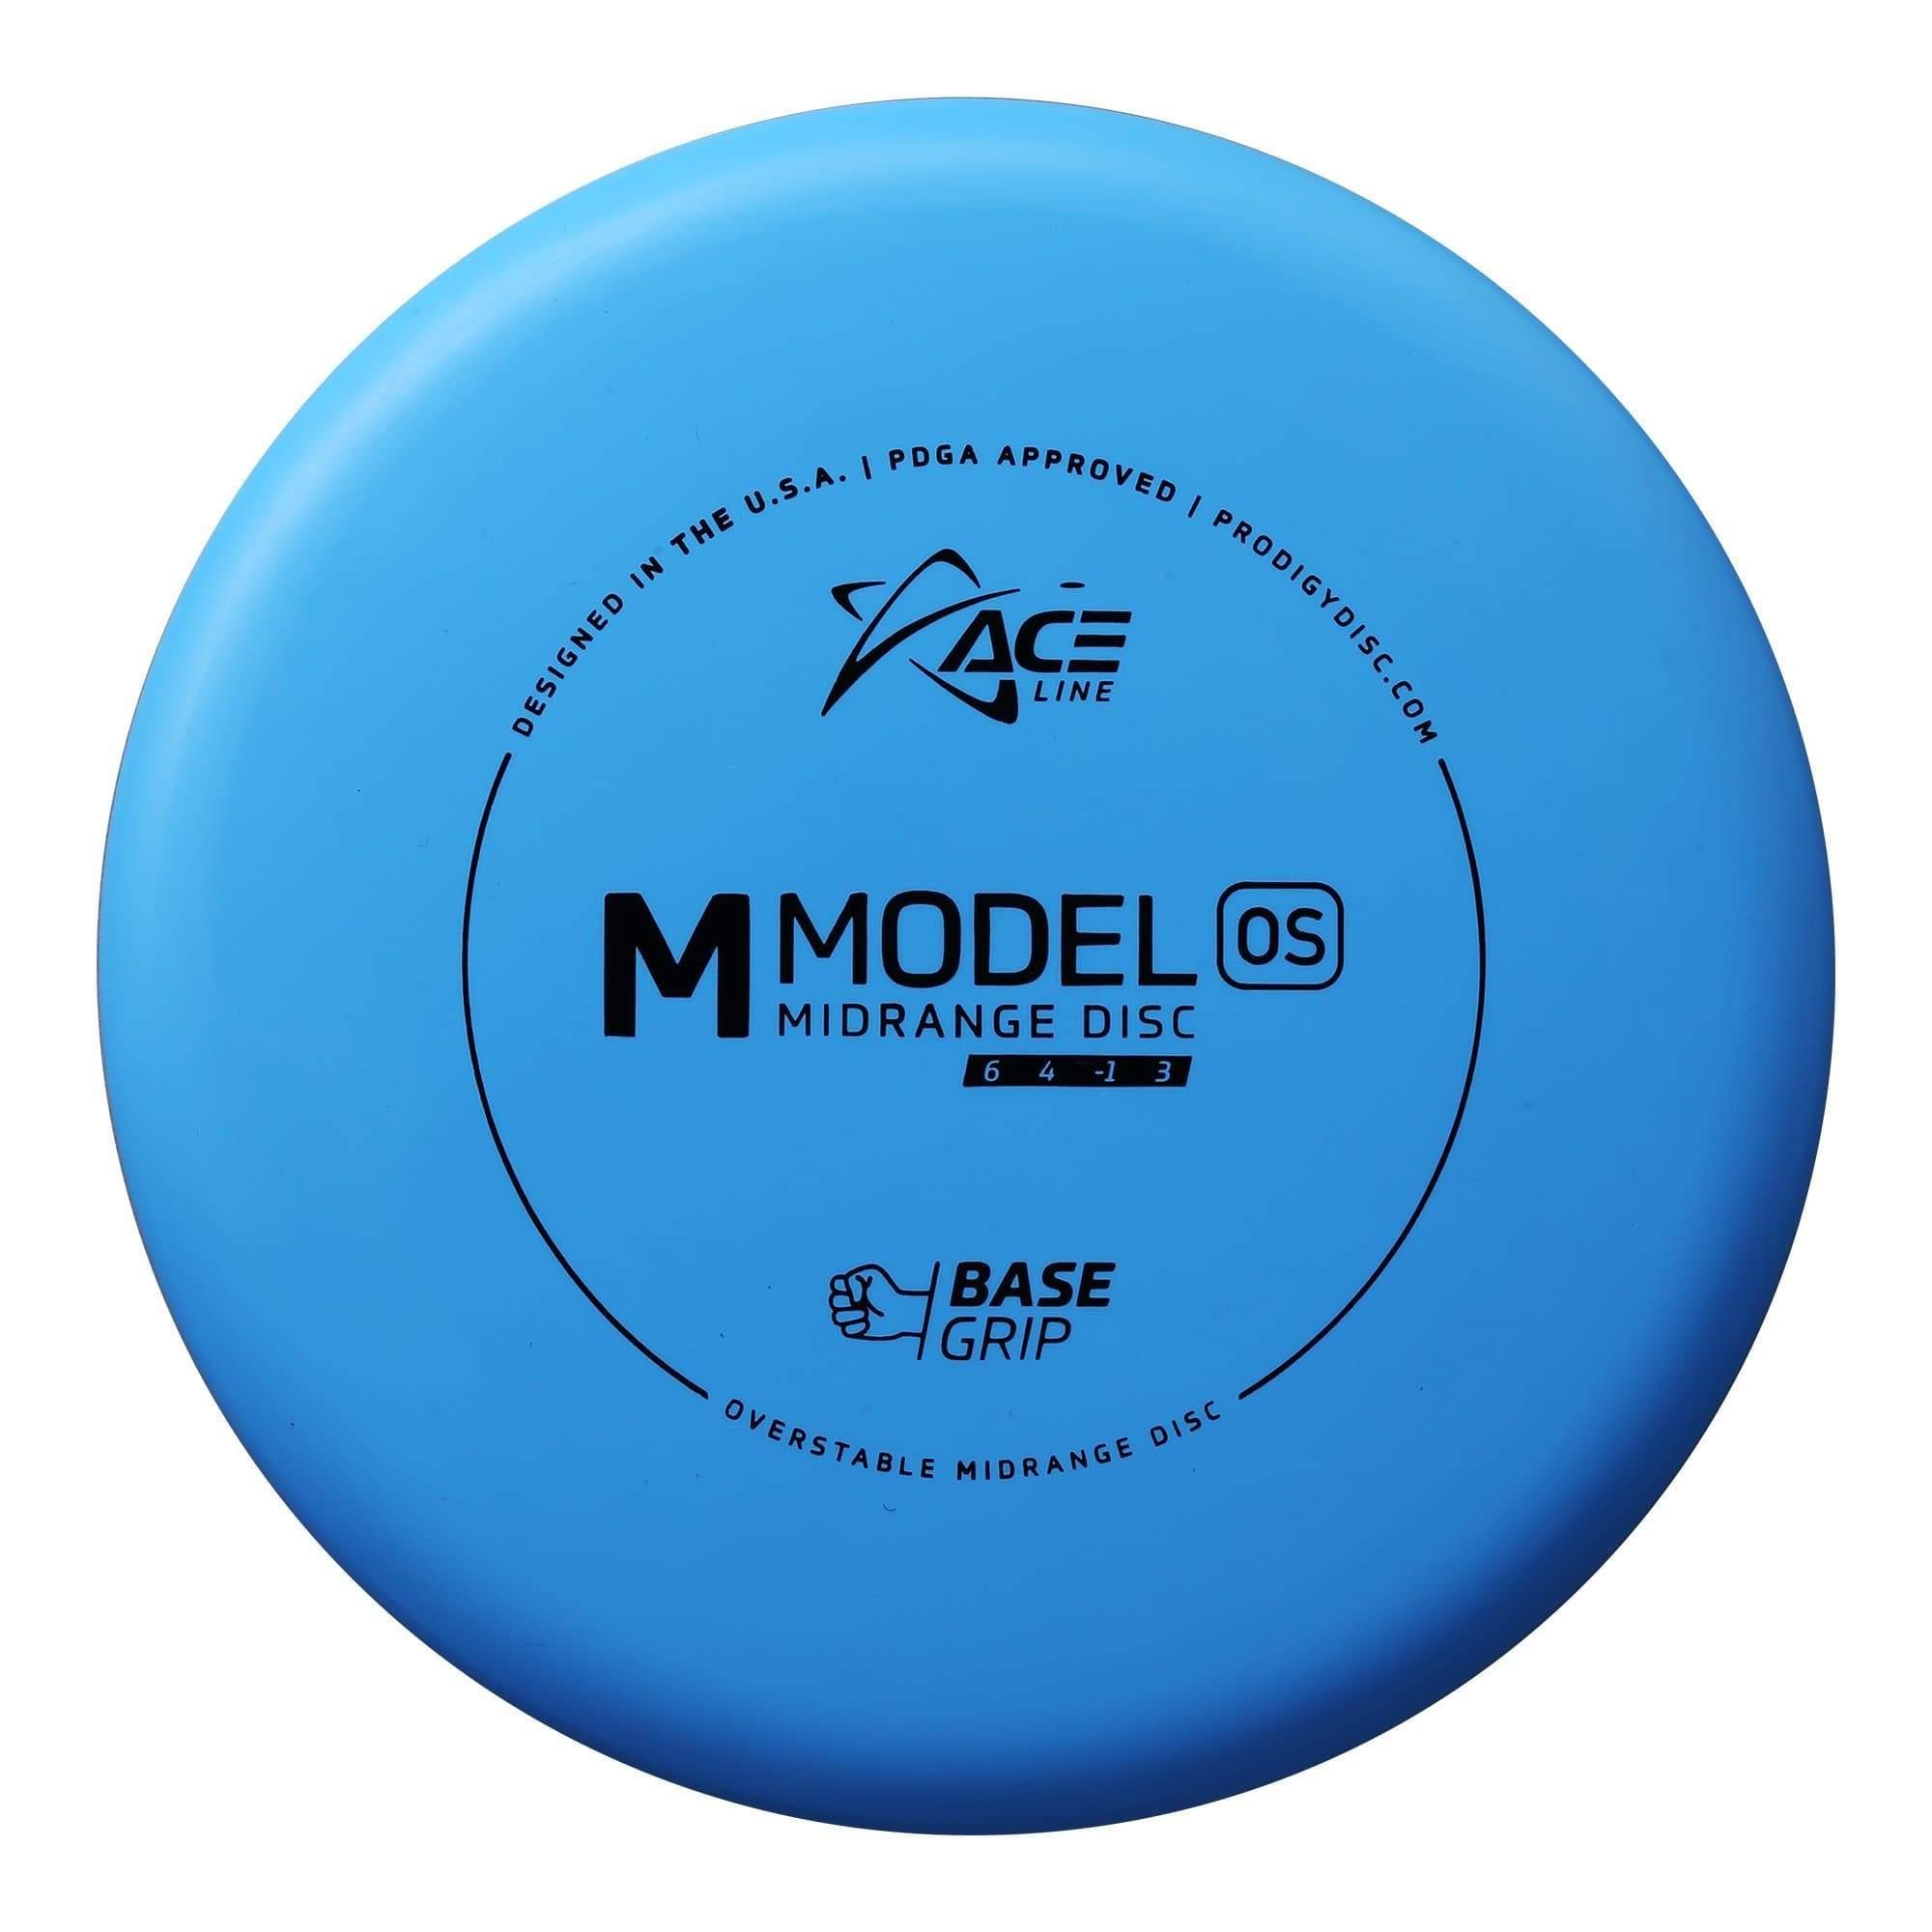 Prodigy Ace BaseGrip M-Model OS